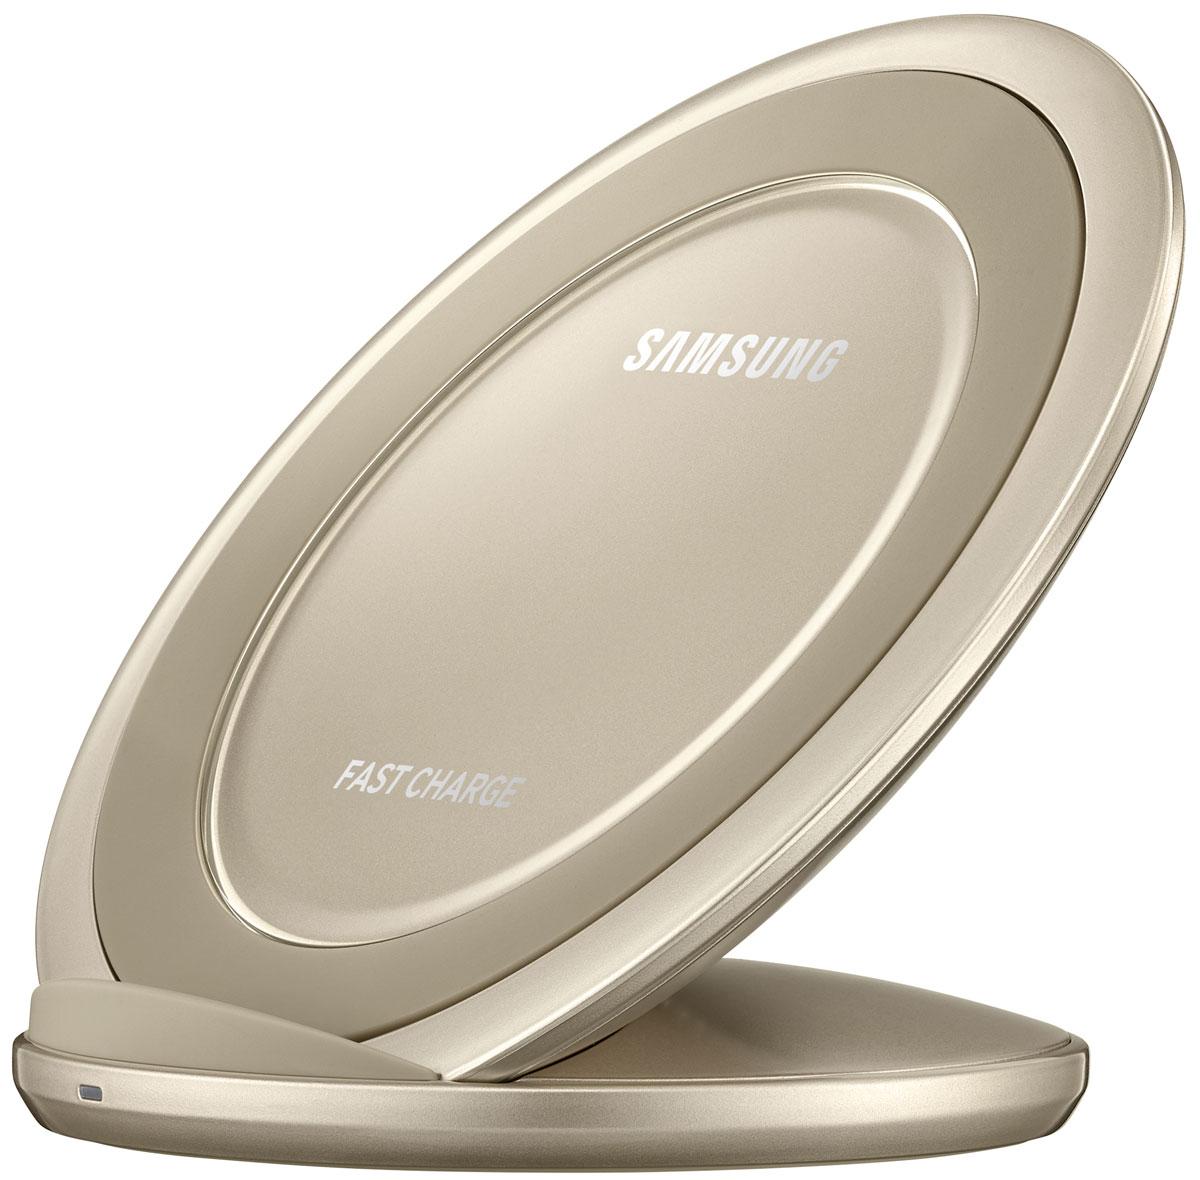 Samsung EP-NG930 беспроводное зарядное устройство, GoldEP-NG930BFRGRUЛегко и быстро зарядить аккумулятор смартфона можно даже без подключения кабеля непосредственно к microUSB-разъёму устройства. Достаточно просто разместить совместимое мобильное устройство на специальной подставке с функцией быстрой зарядки.Во время зарядки вы можете с комфортом продолжать пользоваться всеми функциями смартфона, а благодаря вертикальной подставке вы не пропустите ни одного уведомления или сообщения.Данное зарядное устройство идеально подходит для просмотра мультимедийных файлов, так как беспроводная зарядка поддерживается и в вертикальном и в горизонтальном положениях смартфона.